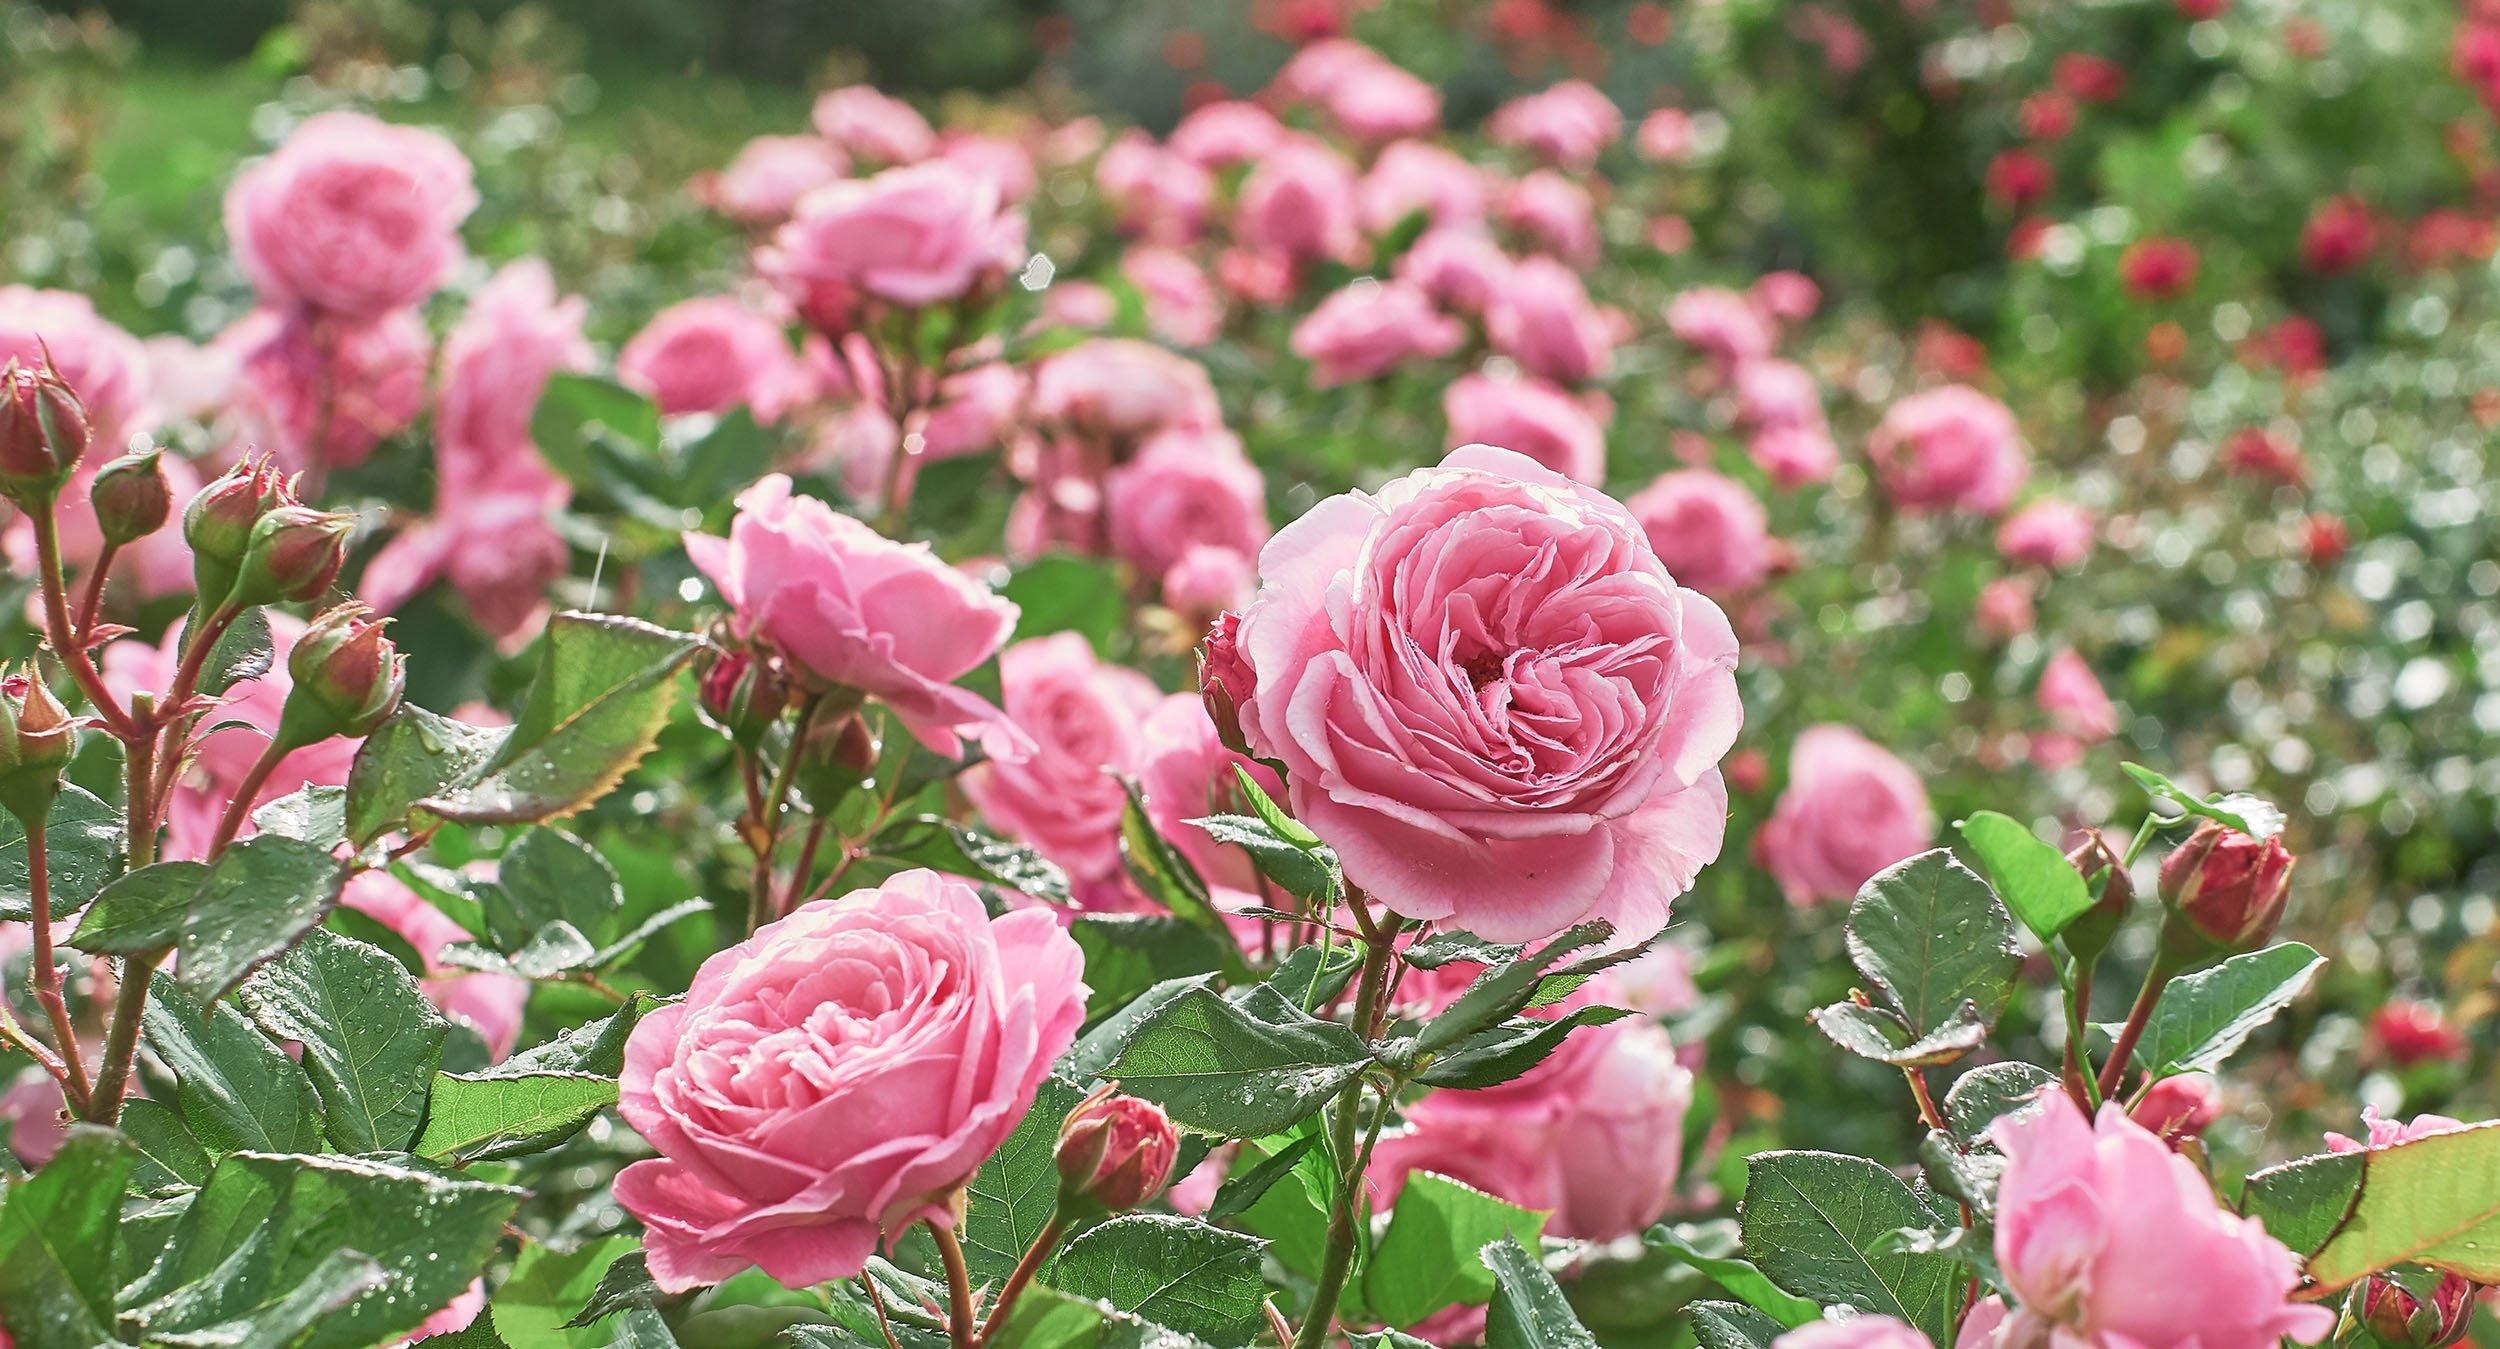 A pink rose garden. (Shutterstock Photo)